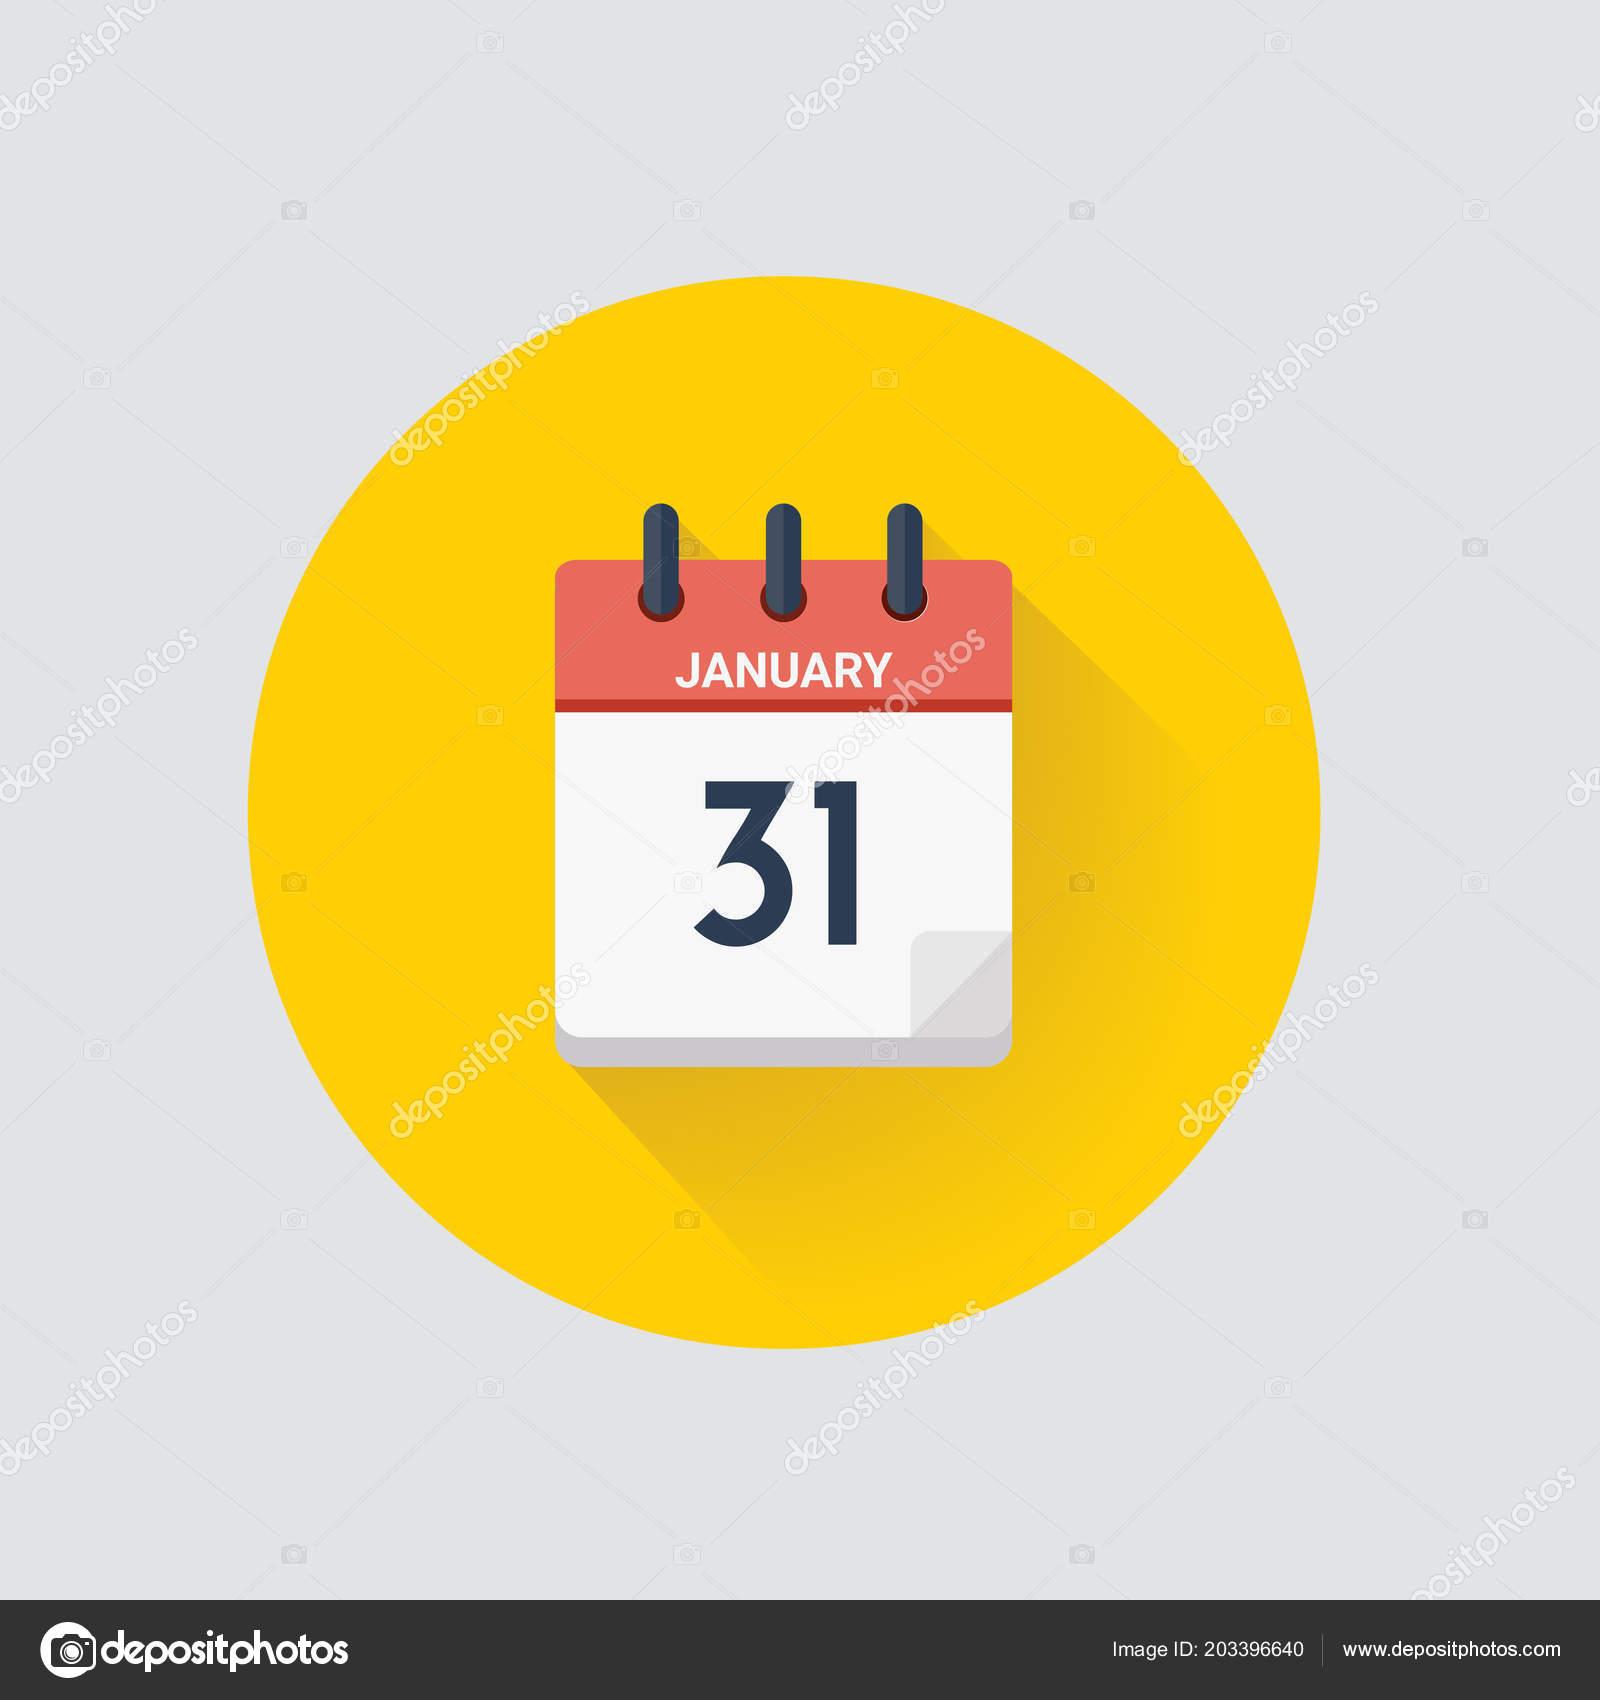 Calendario Giorno.Illustrazione Vettore Calendario Giorno Con Data Gennaio